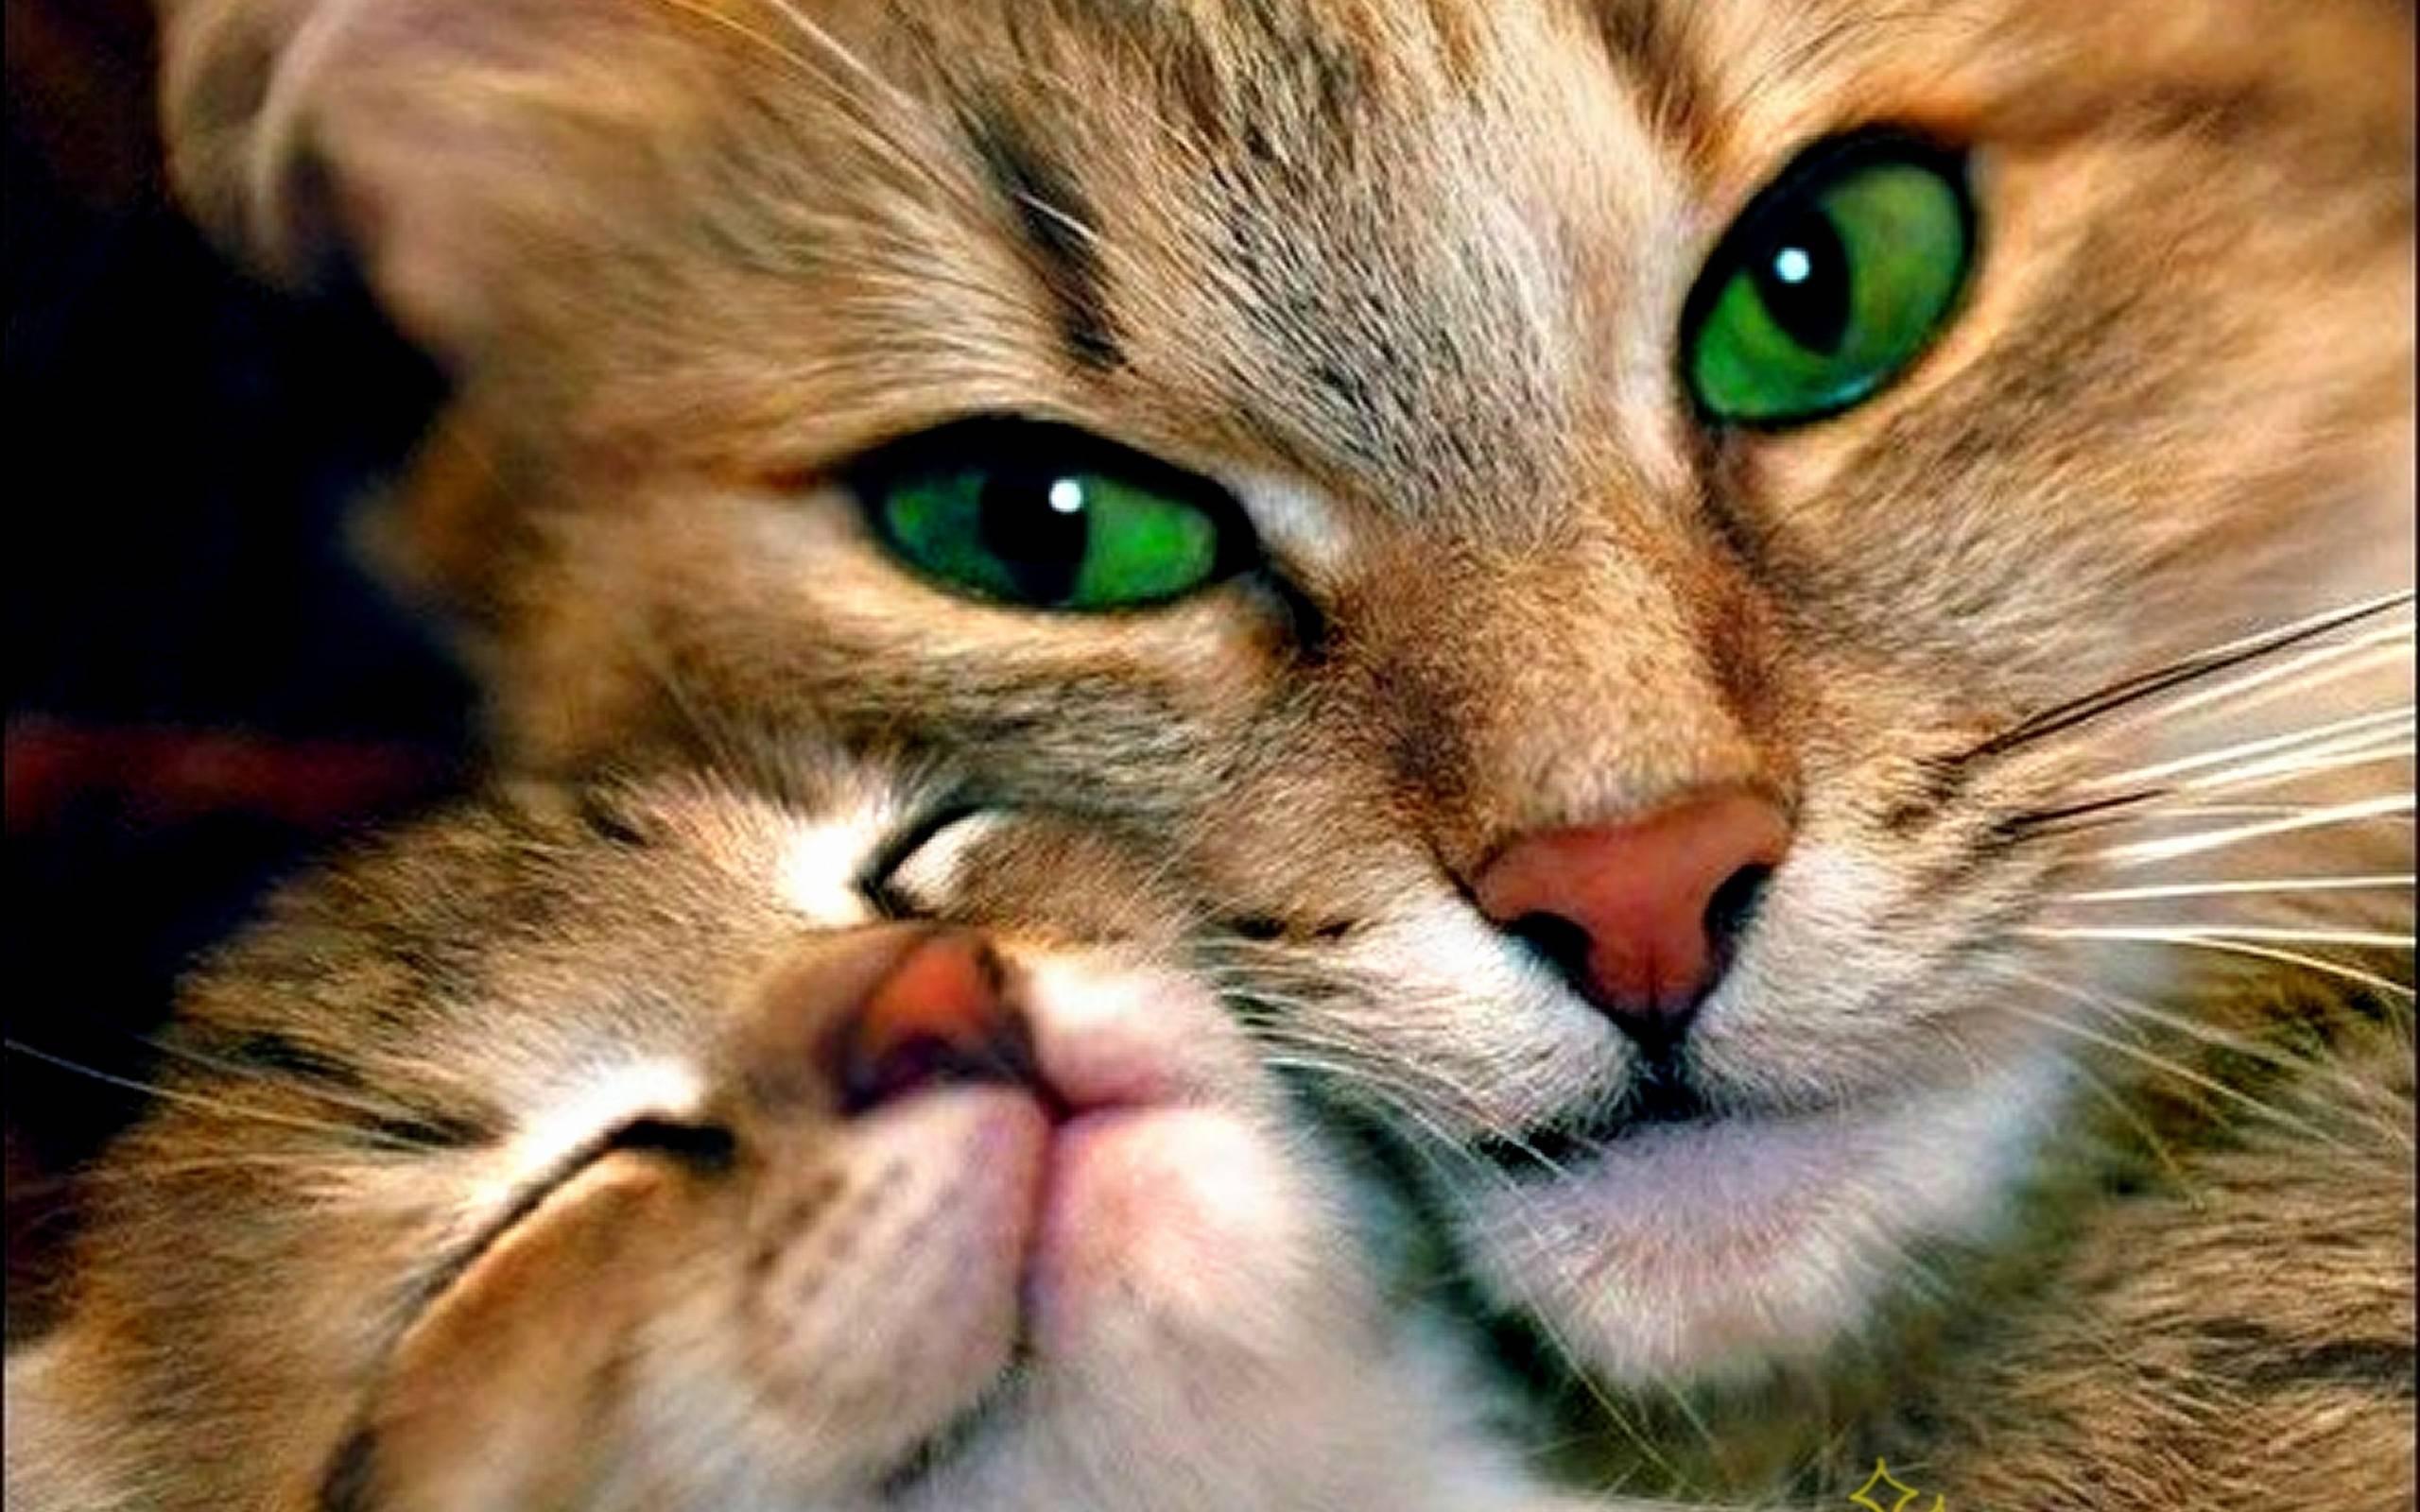 صورة اجمل صور قطط , تعرف على انواع واشكال ارق حيوان